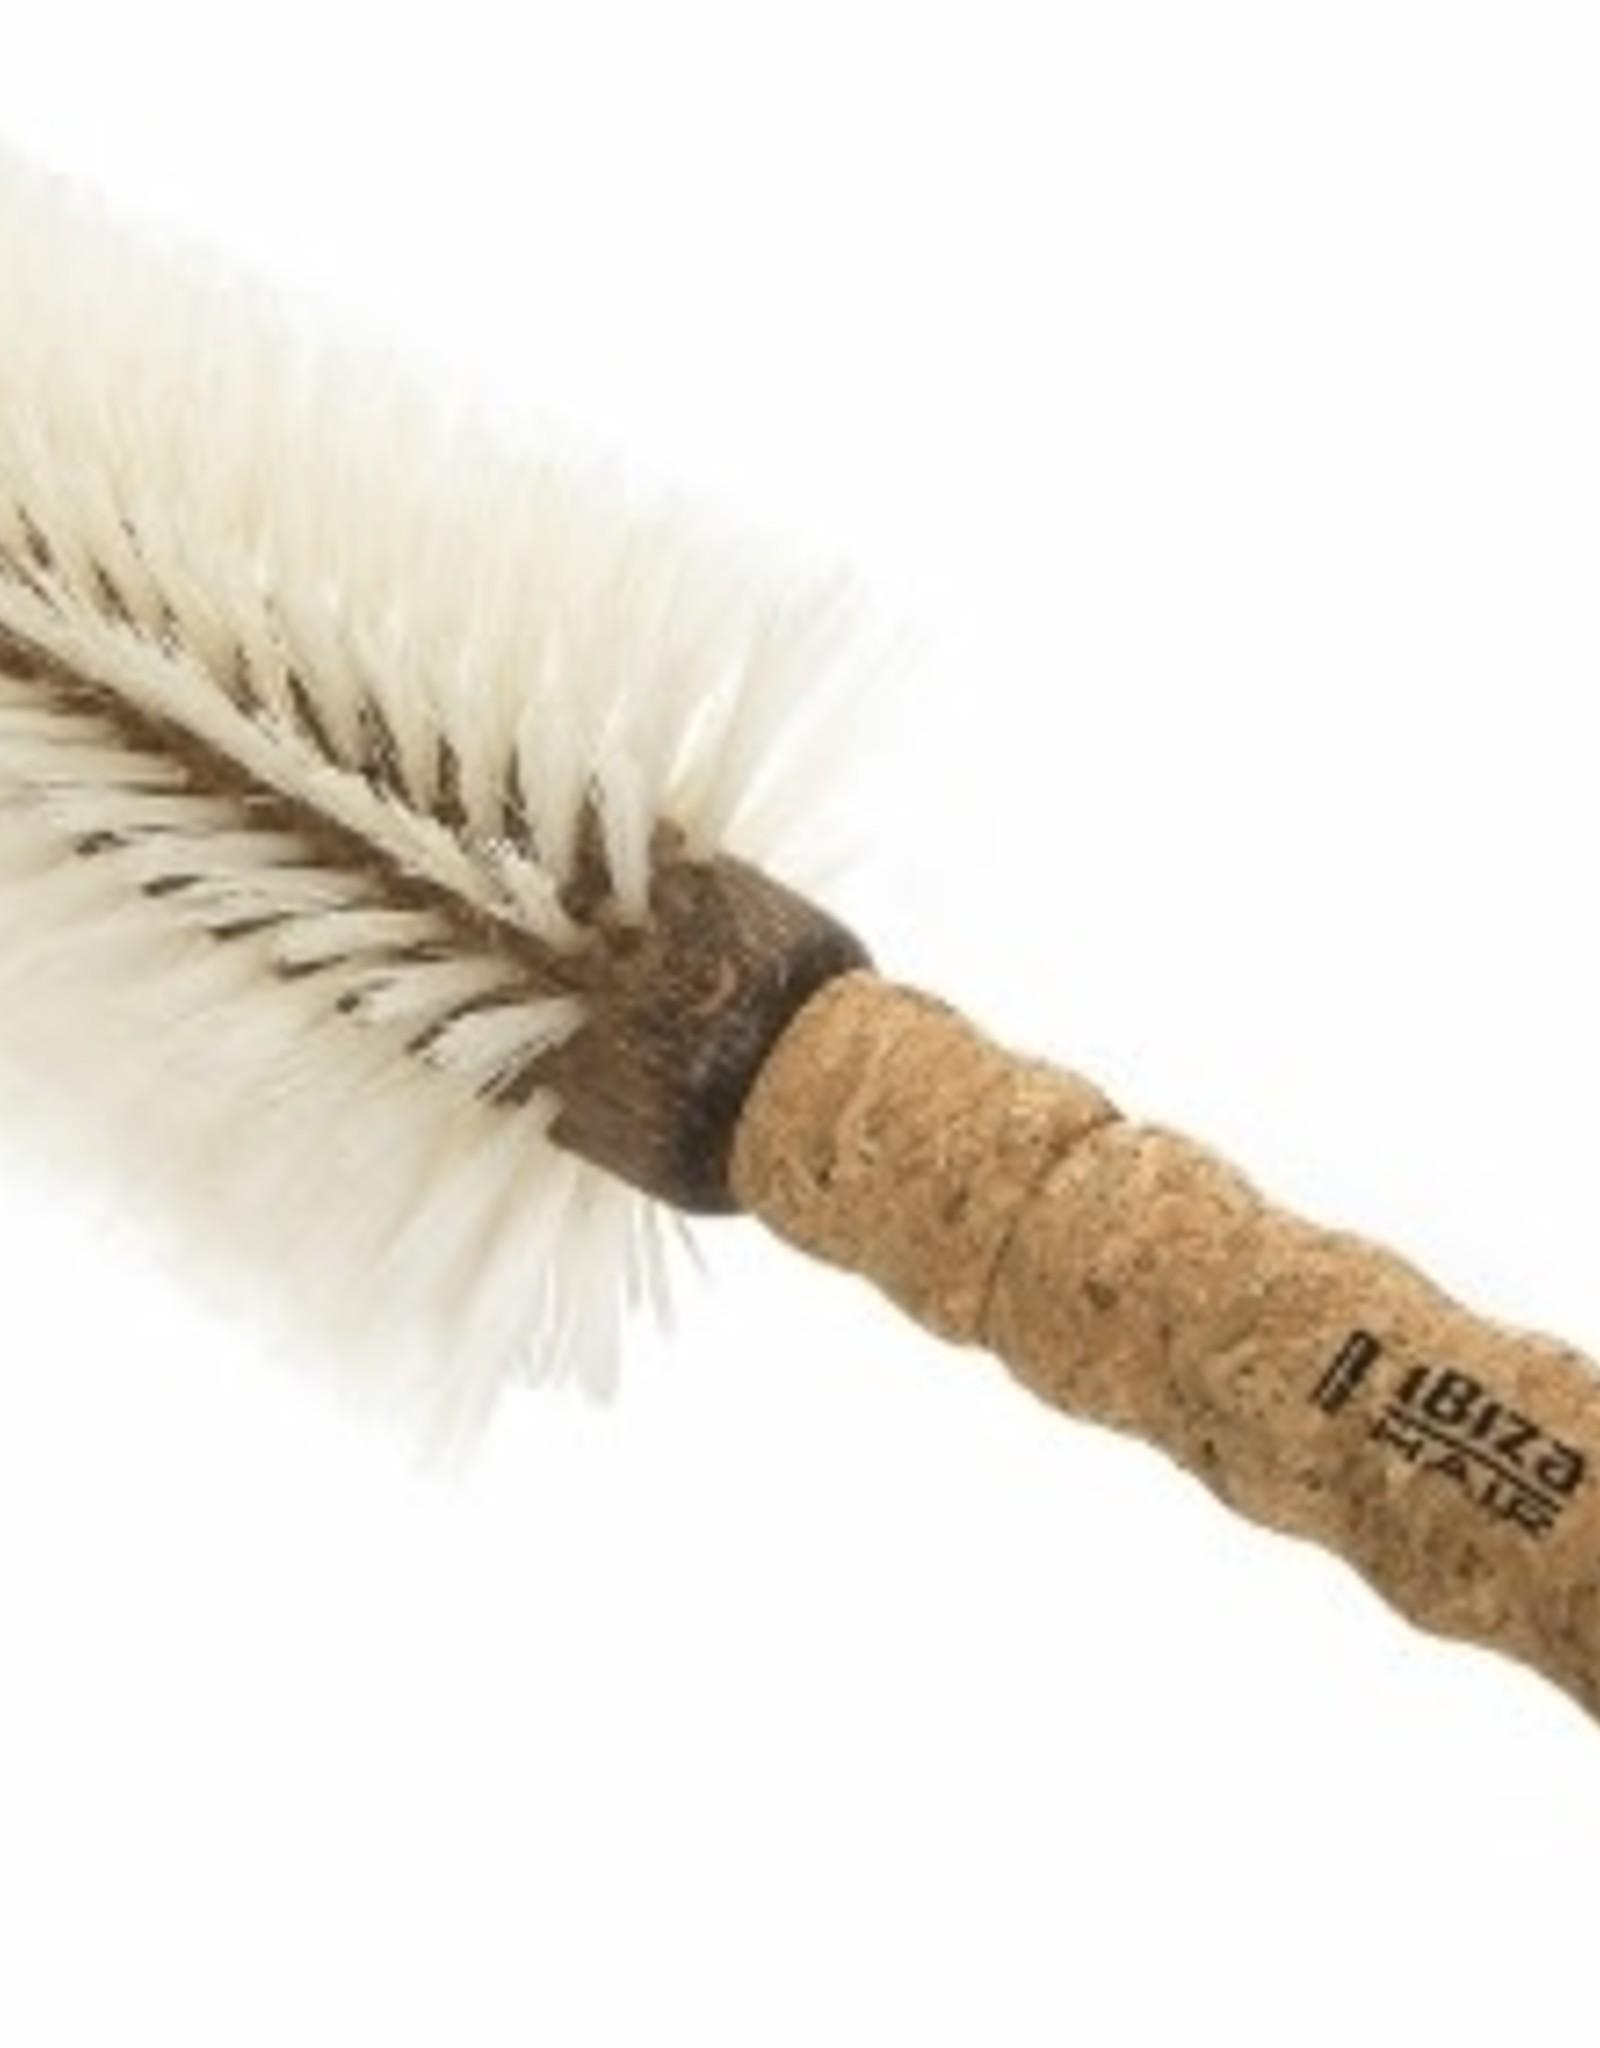 Ibiza B5 Round Brush